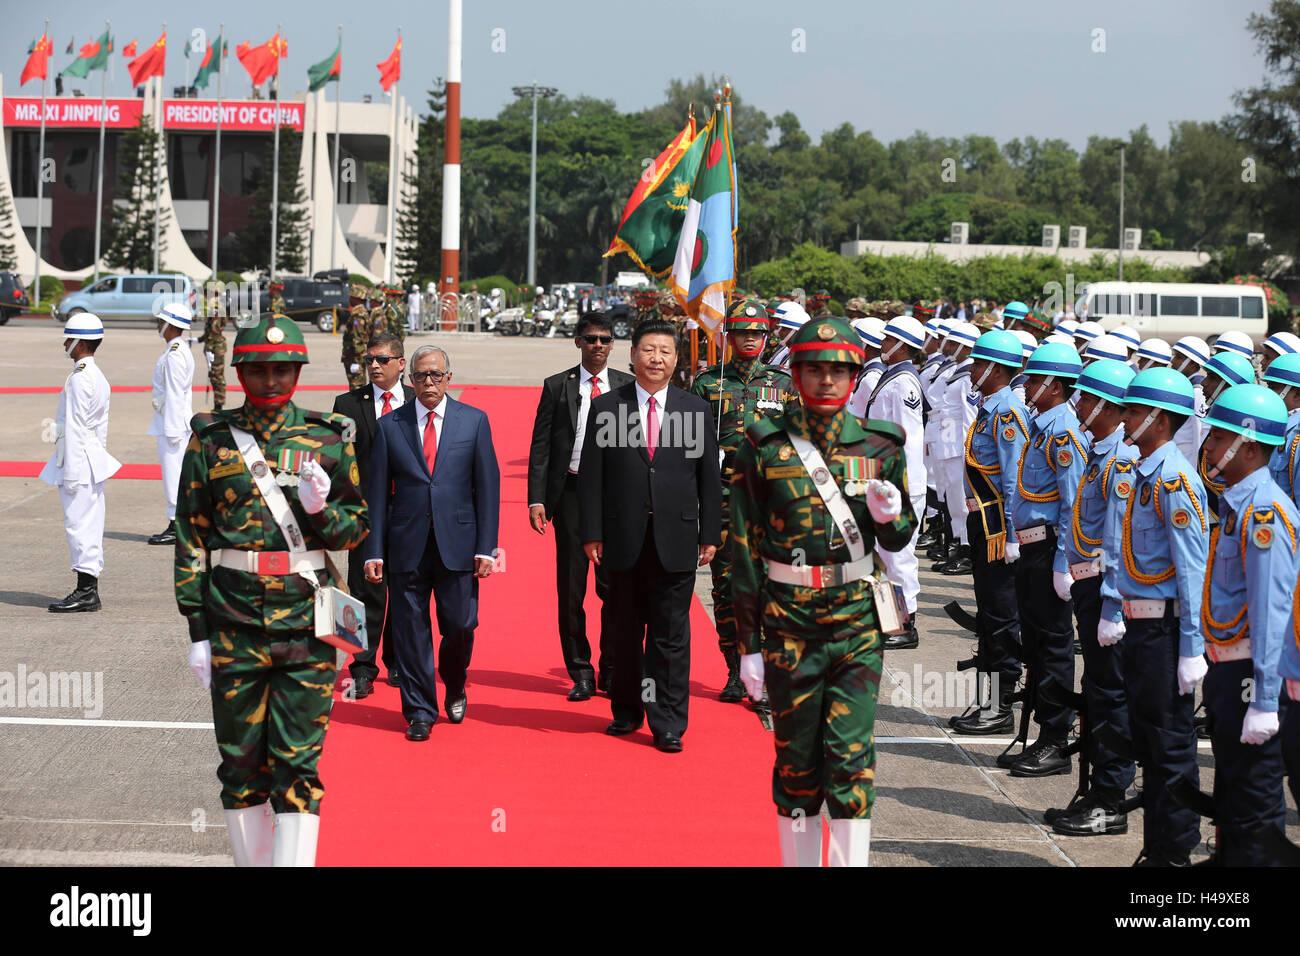 Dhaka, Bangladesh. 14Th Oct, 2016. Le président chinois Xi Jinping assiste à une cérémonie de bienvenue organisée par son homologue Bangladeshi Abdul Hamid à son arrivée à l'aéroport de Dhaka, Bangladesh, le 14 octobre 2016. Xi Jinping est arrivé vendredi pour une visite d'état. Credit: Pang Xinglei/Xinhua/Alamy Live News Banque D'Images